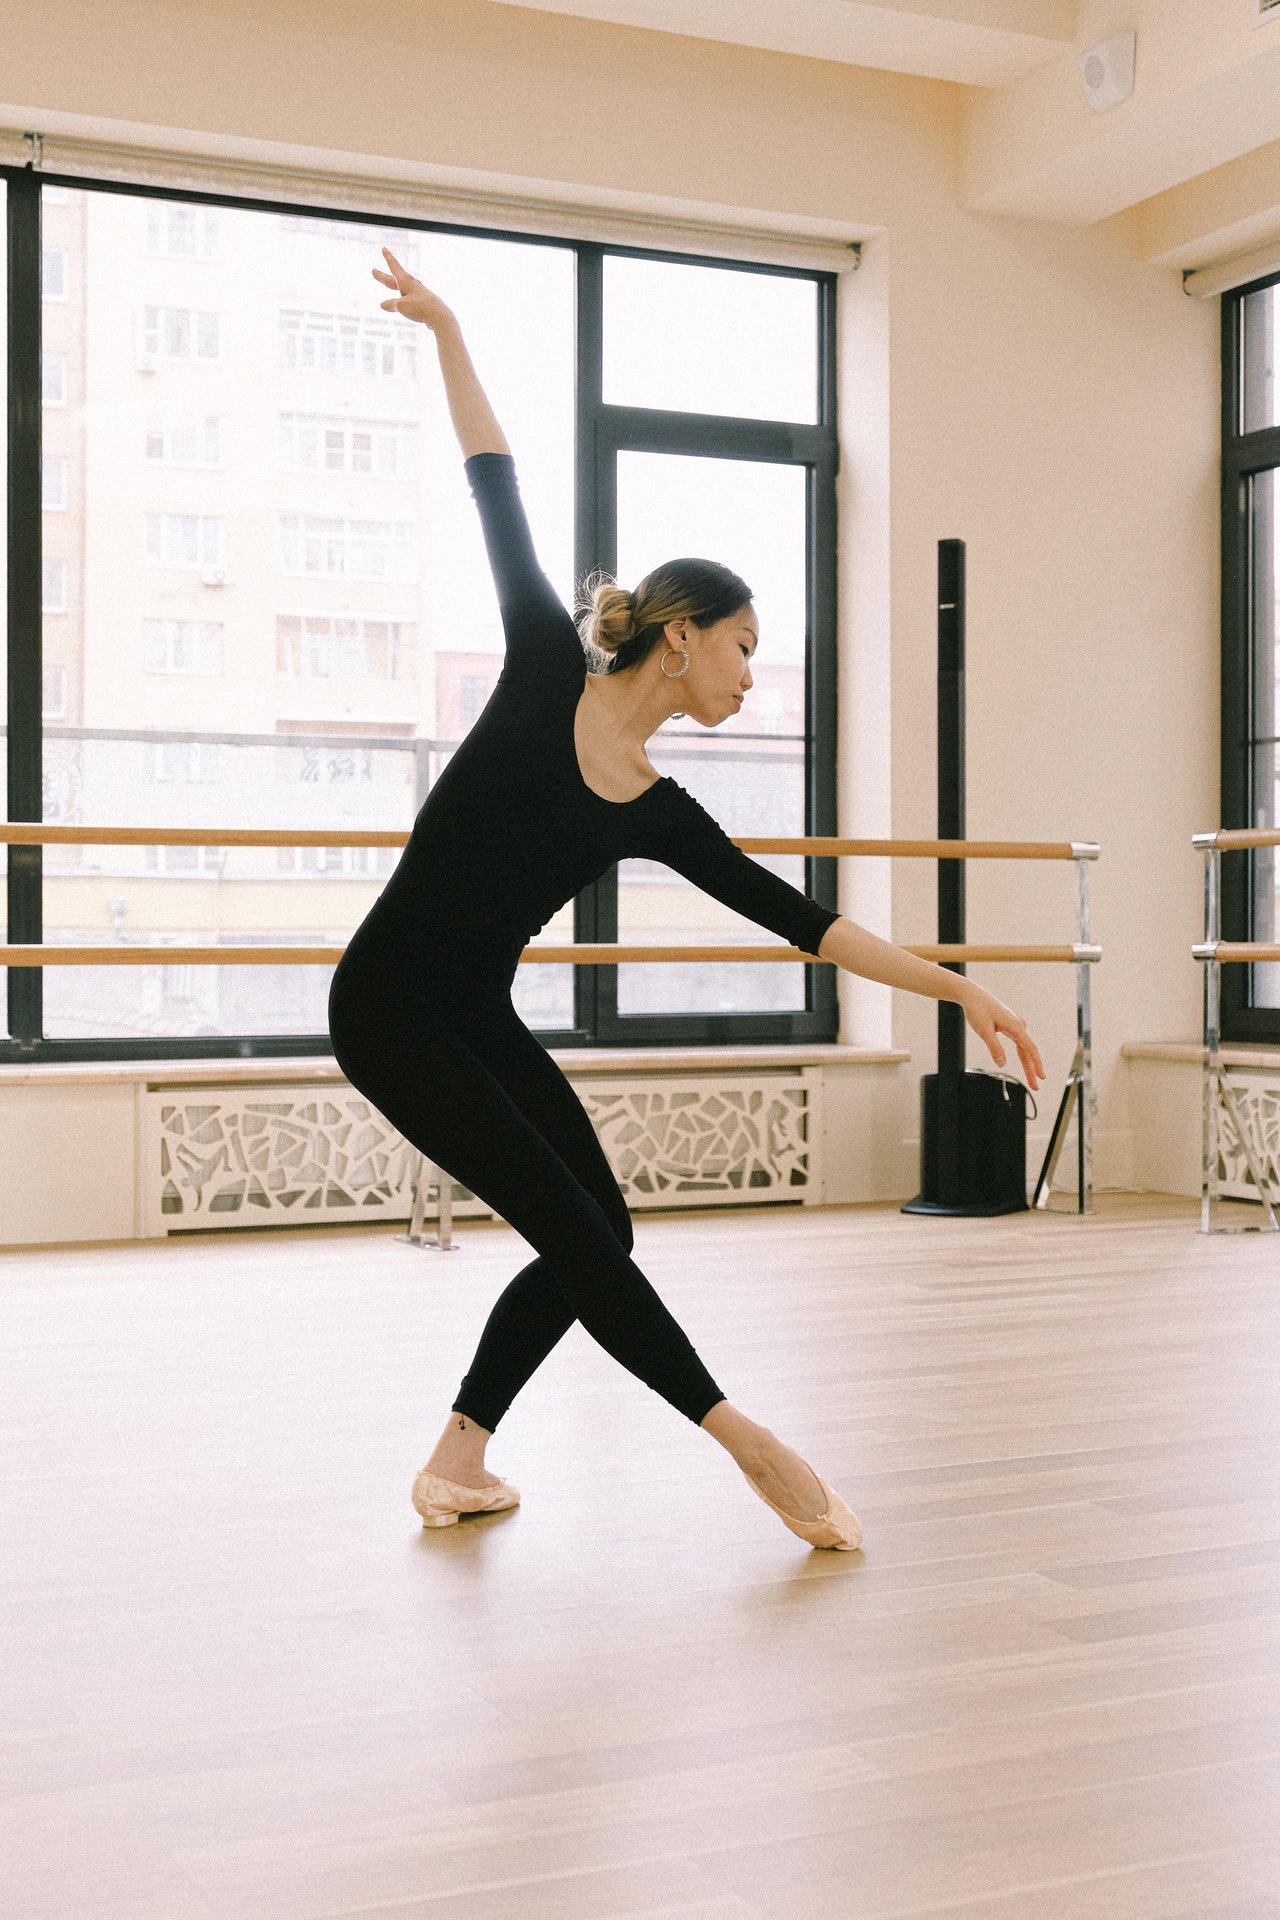 Asian woman doing ballet